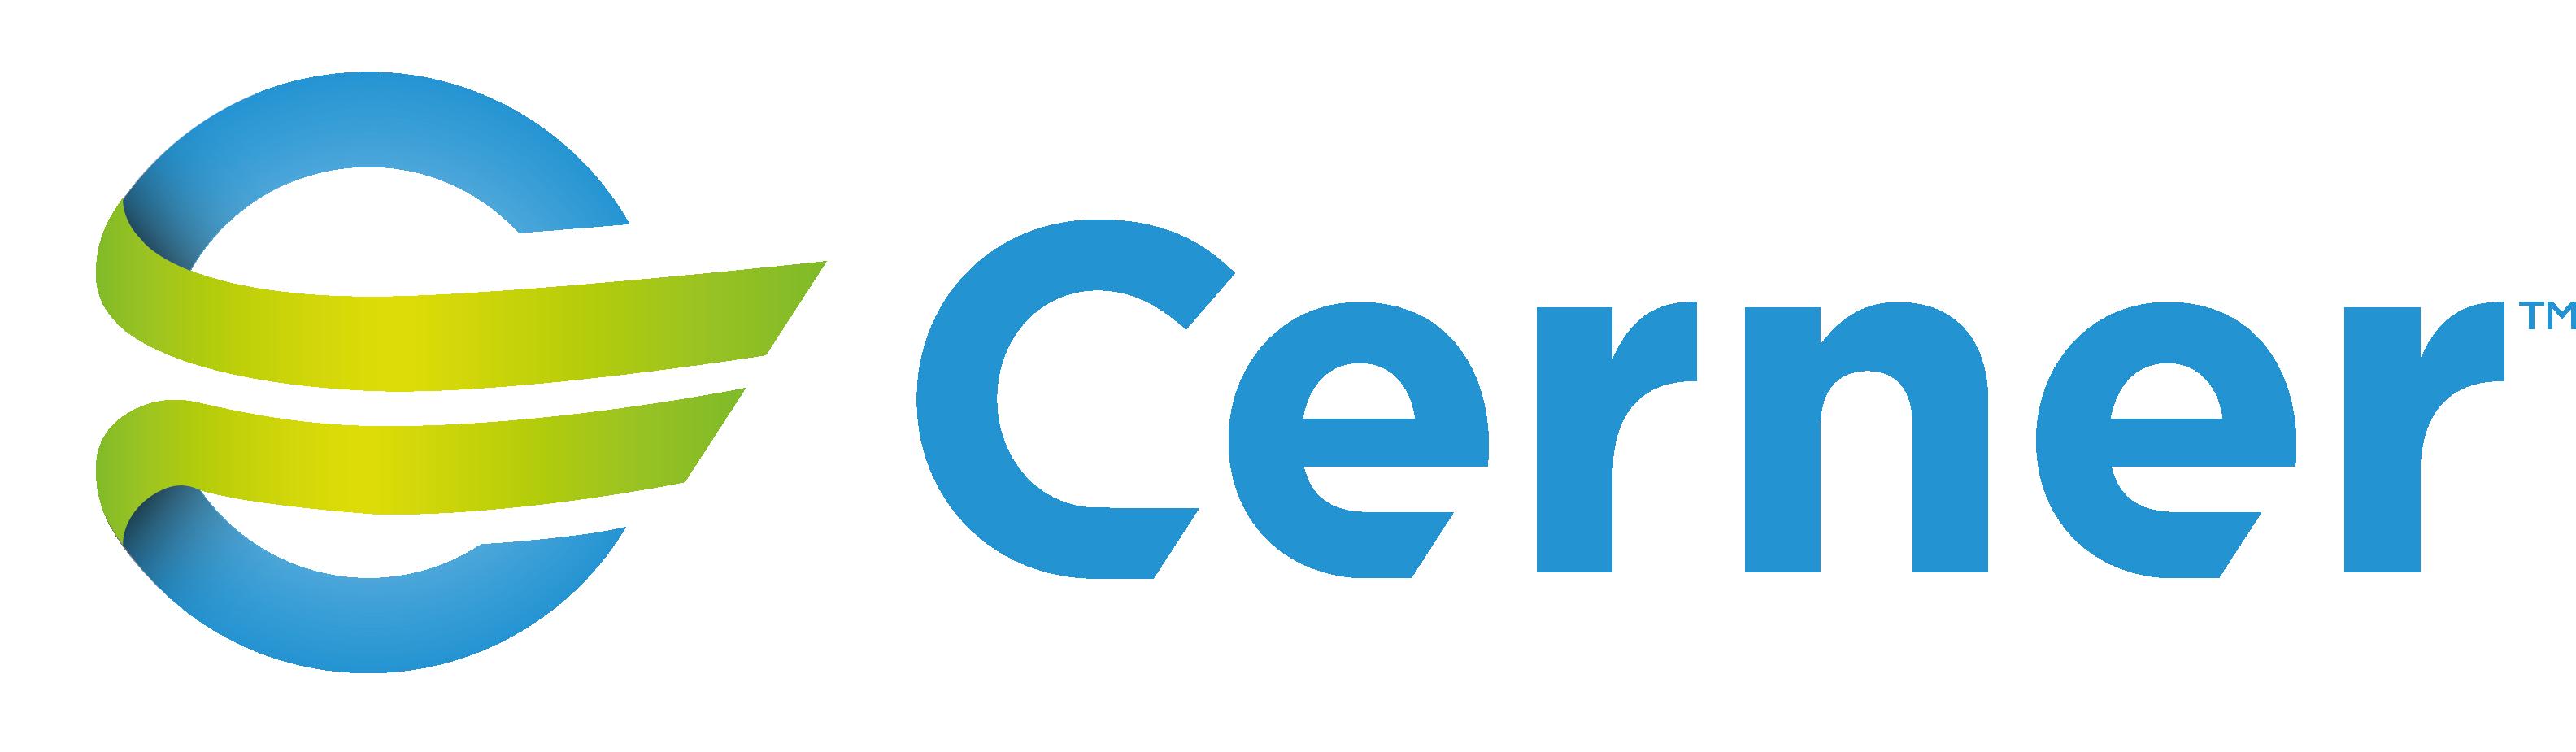 Cerner-Corporation